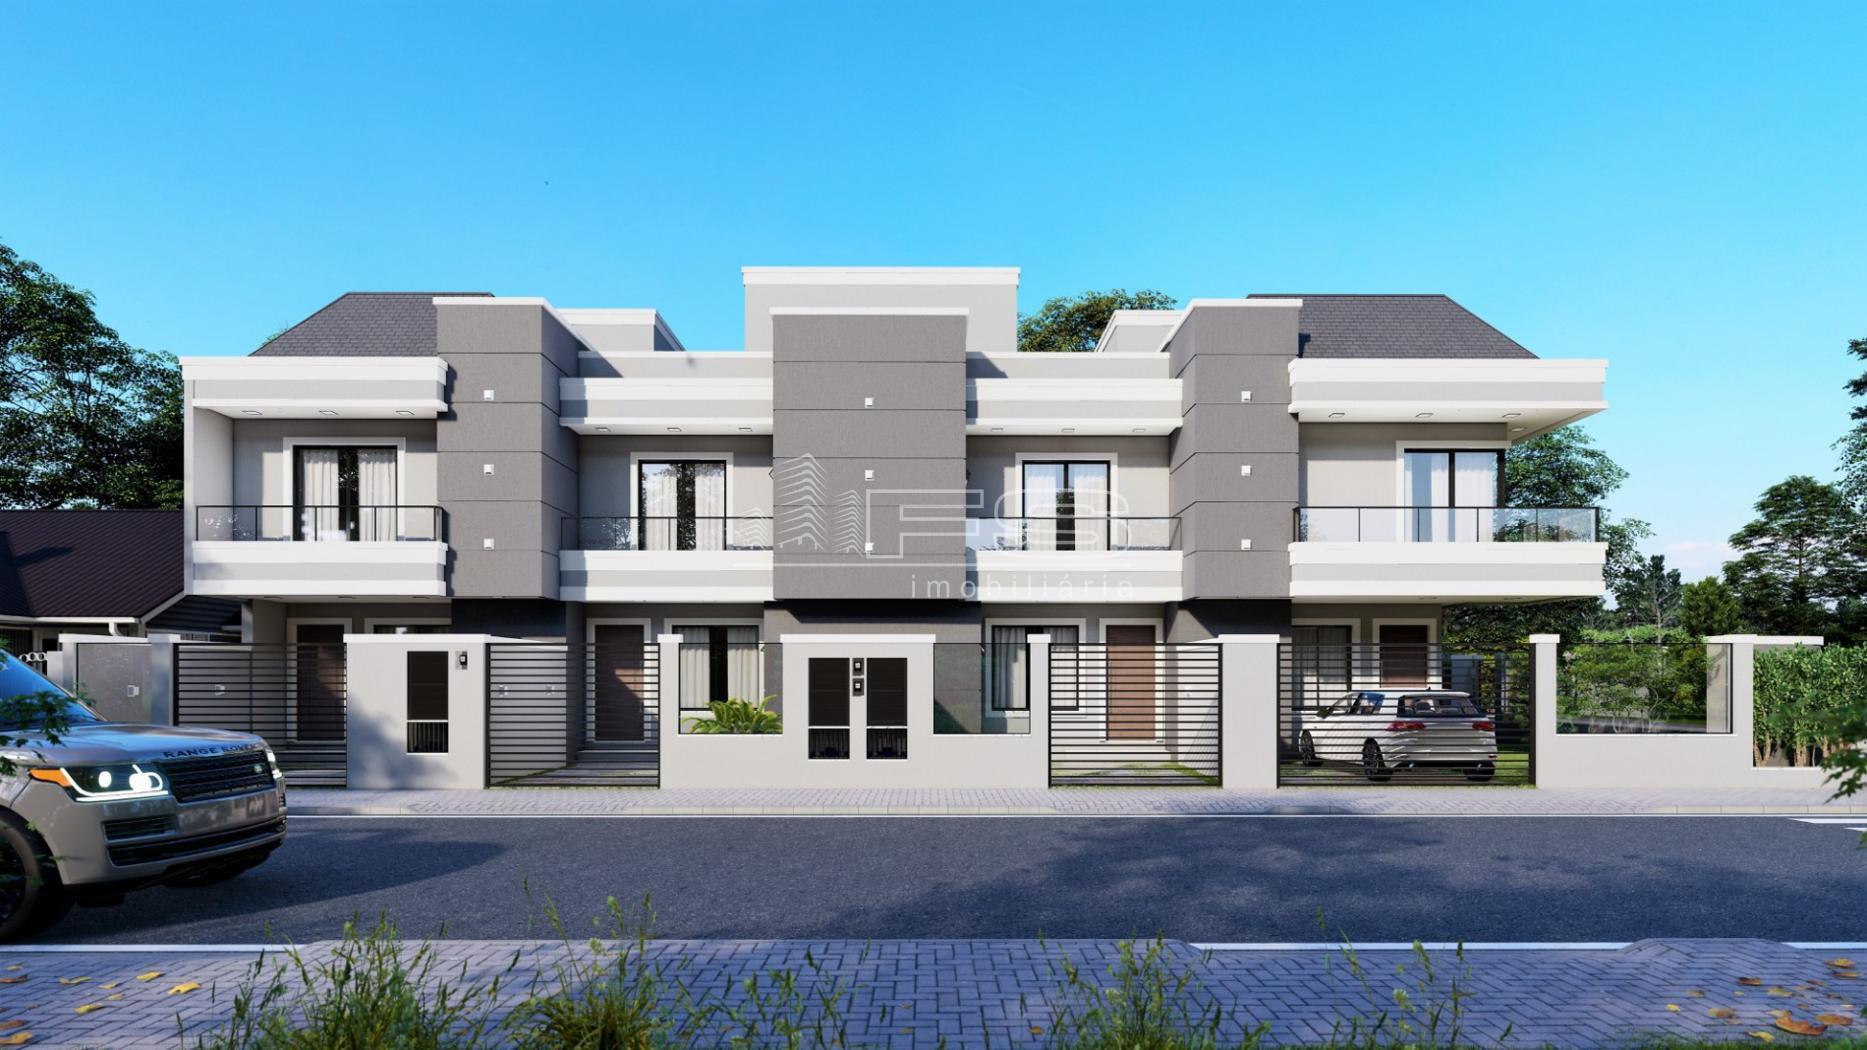 Casa com 2 Dormitórios à venda, 84 m² por R$ 351.800,00